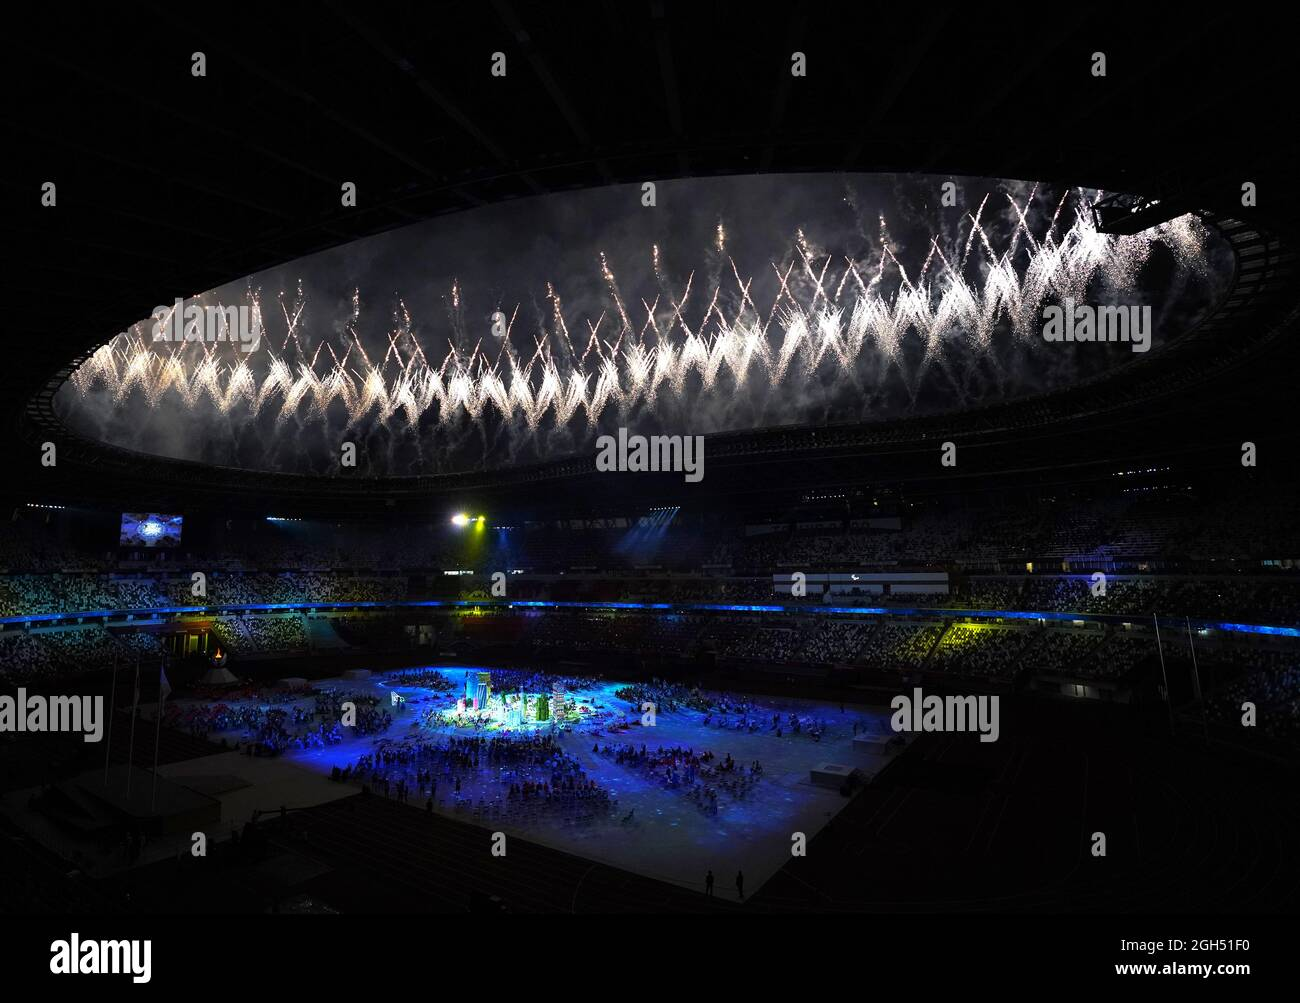 Das Feuerwerk explodiert während der Abschlussfeier der Paralympischen Spiele von Tokio 2020 im japanischen Olympiastadion. Bilddatum: Sonntag, 5. September 2021. Stockfoto